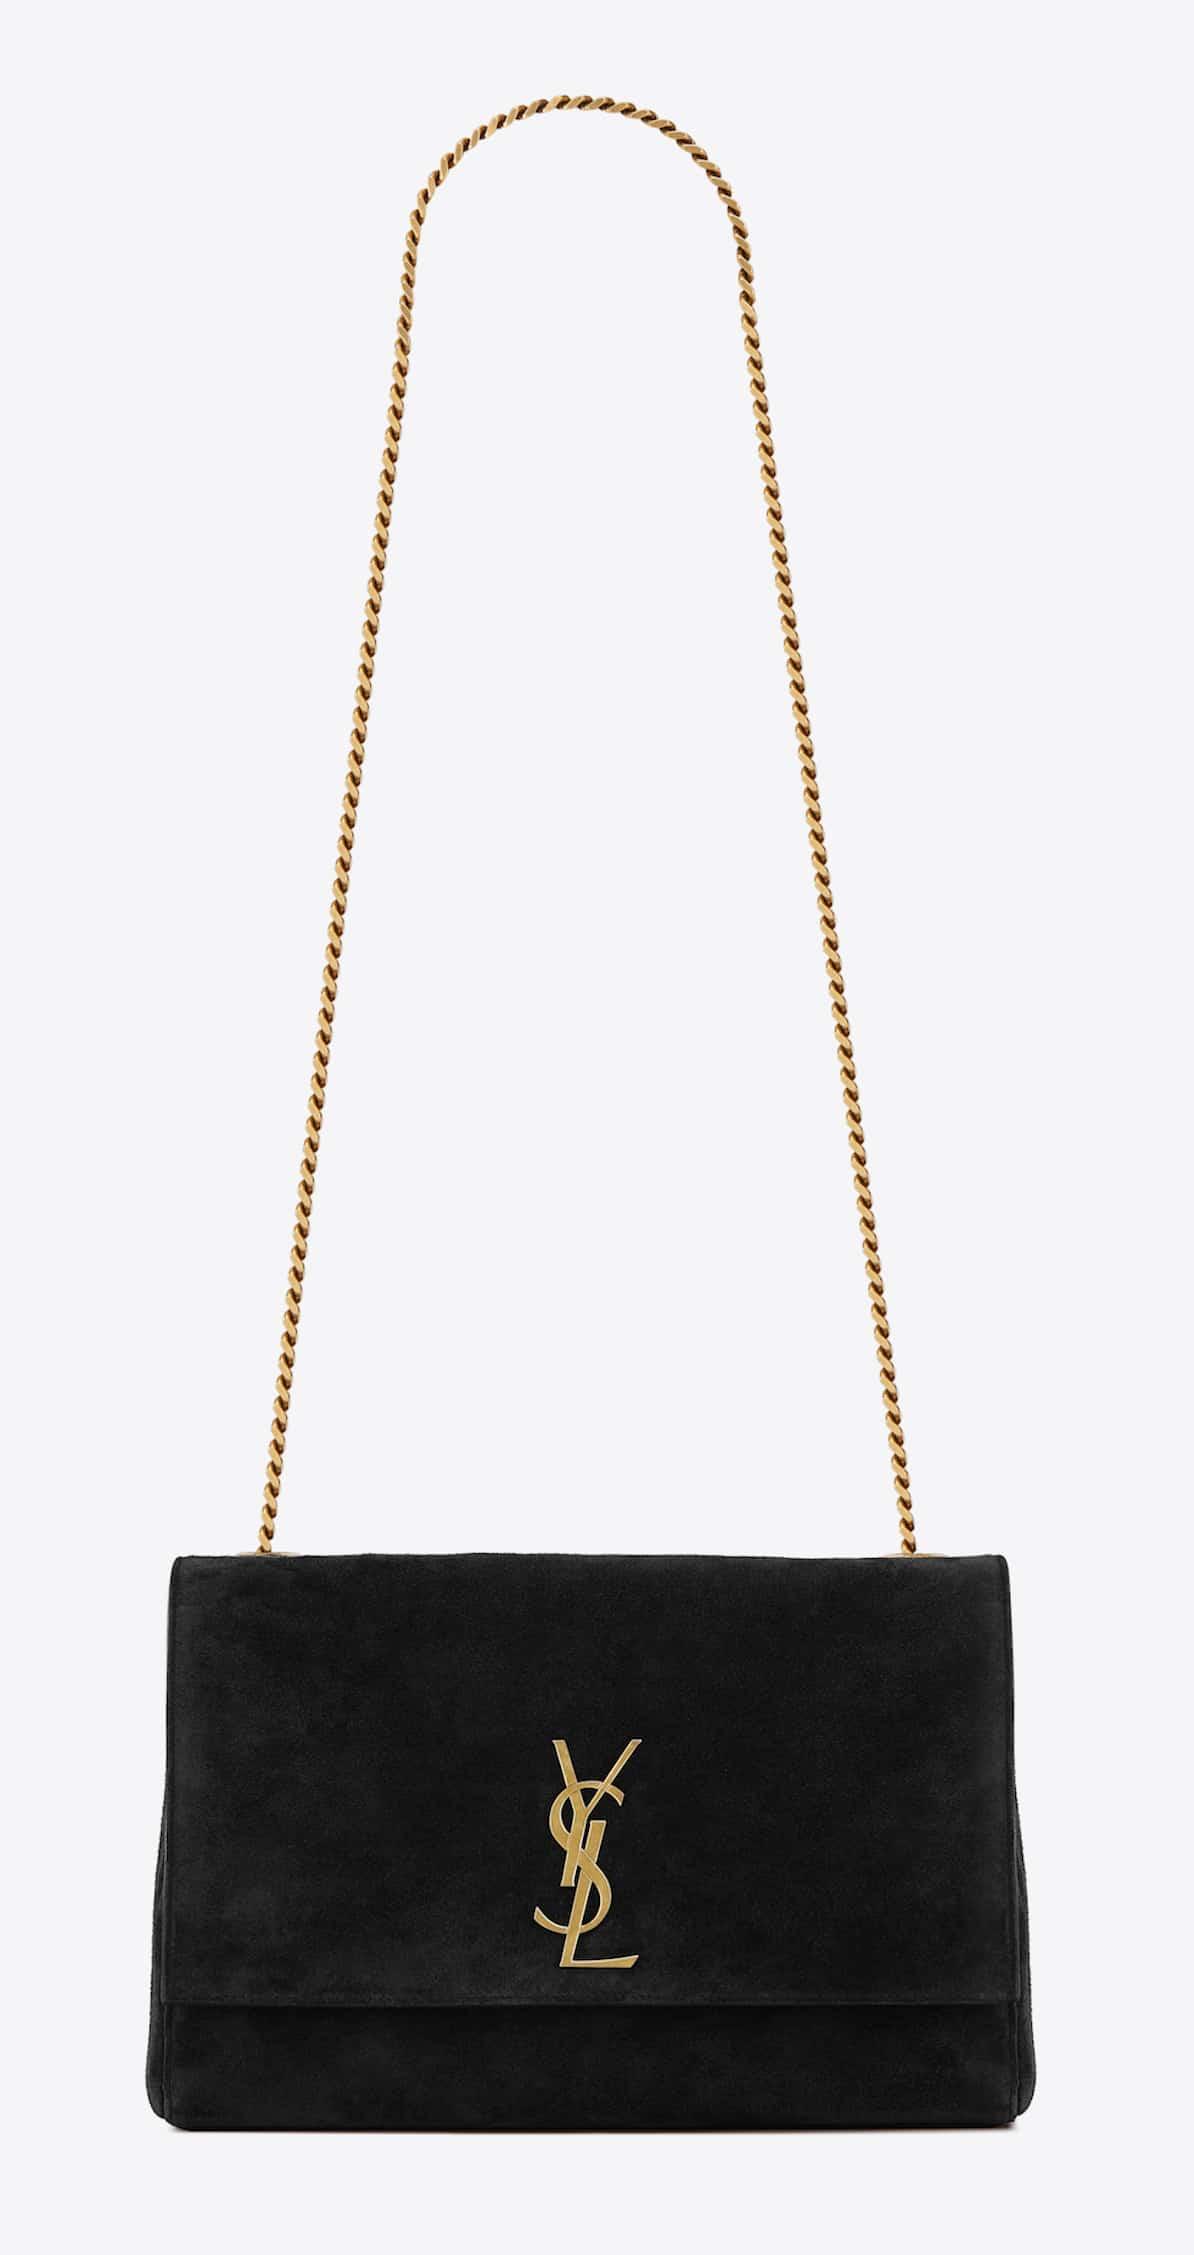 Medium Reversible Kate in Black Suede (HK$16,500)